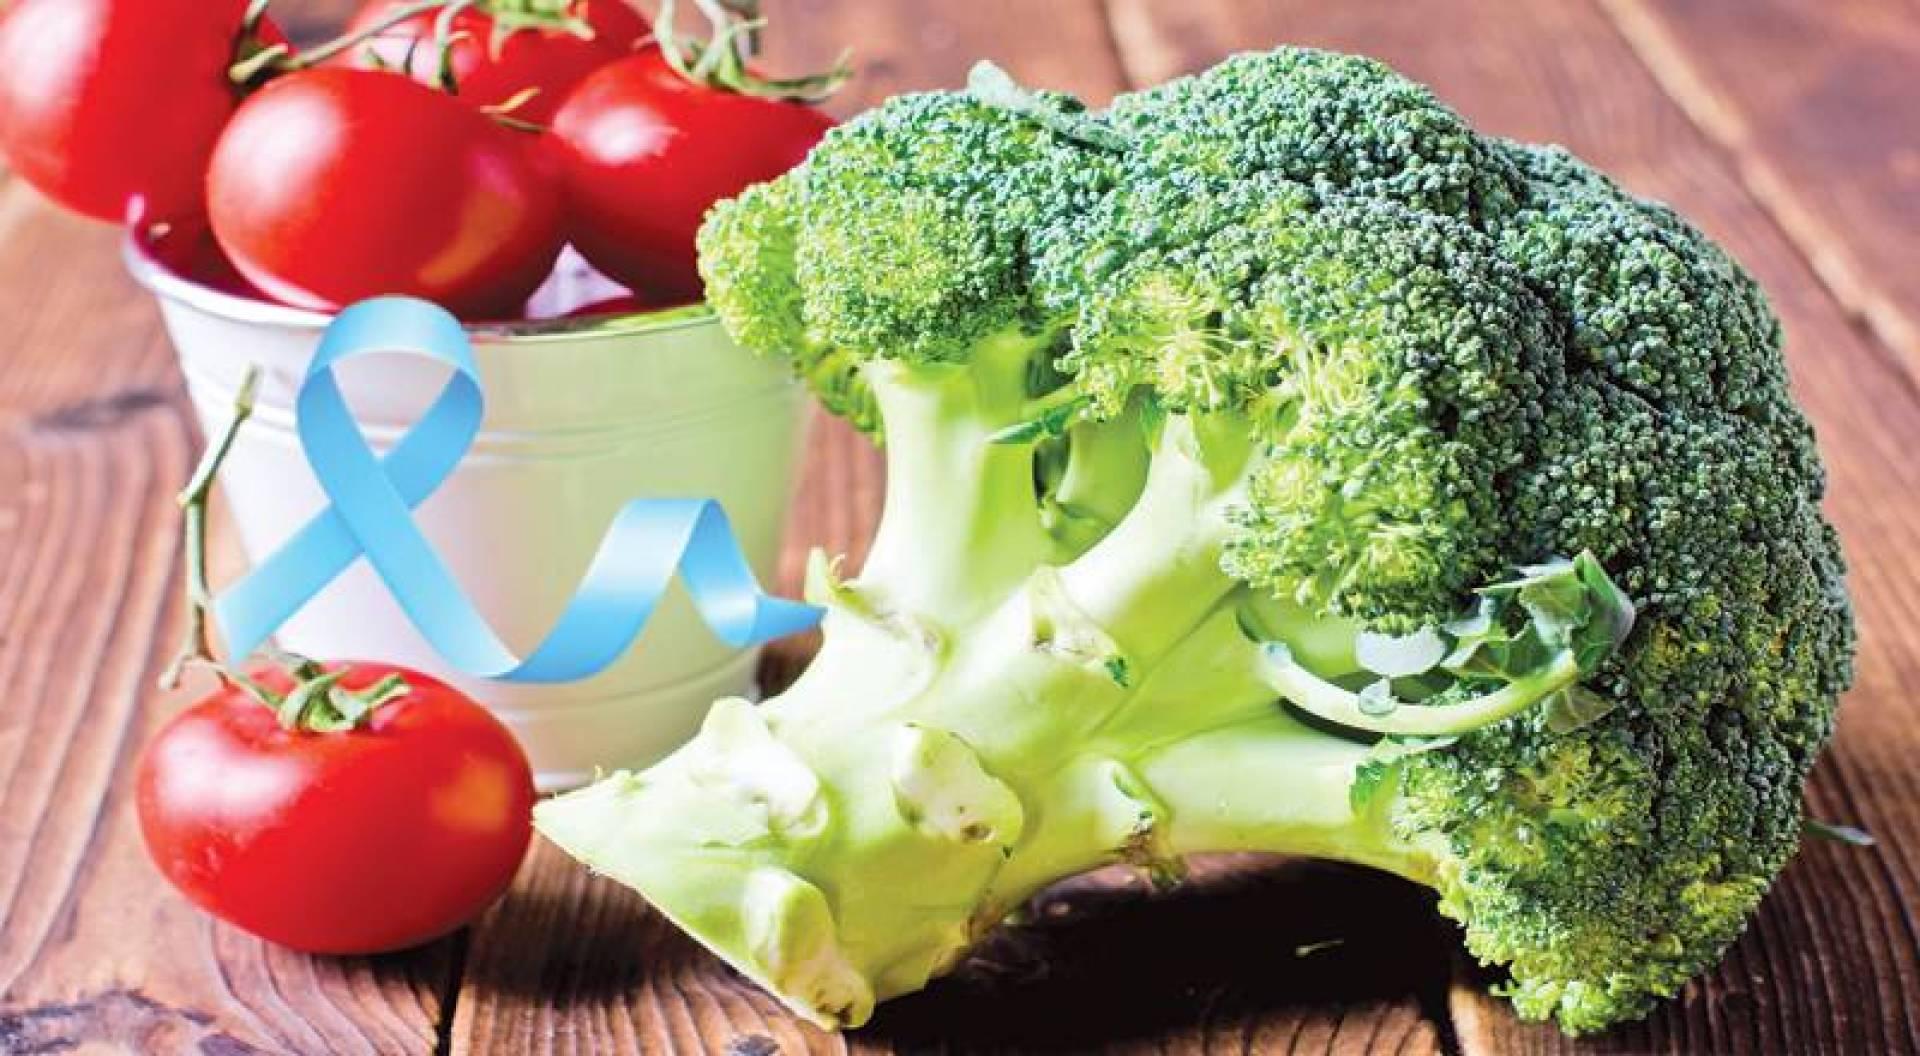 الطماطم والبروكلي.. لمحاربة سرطان البروستاتا